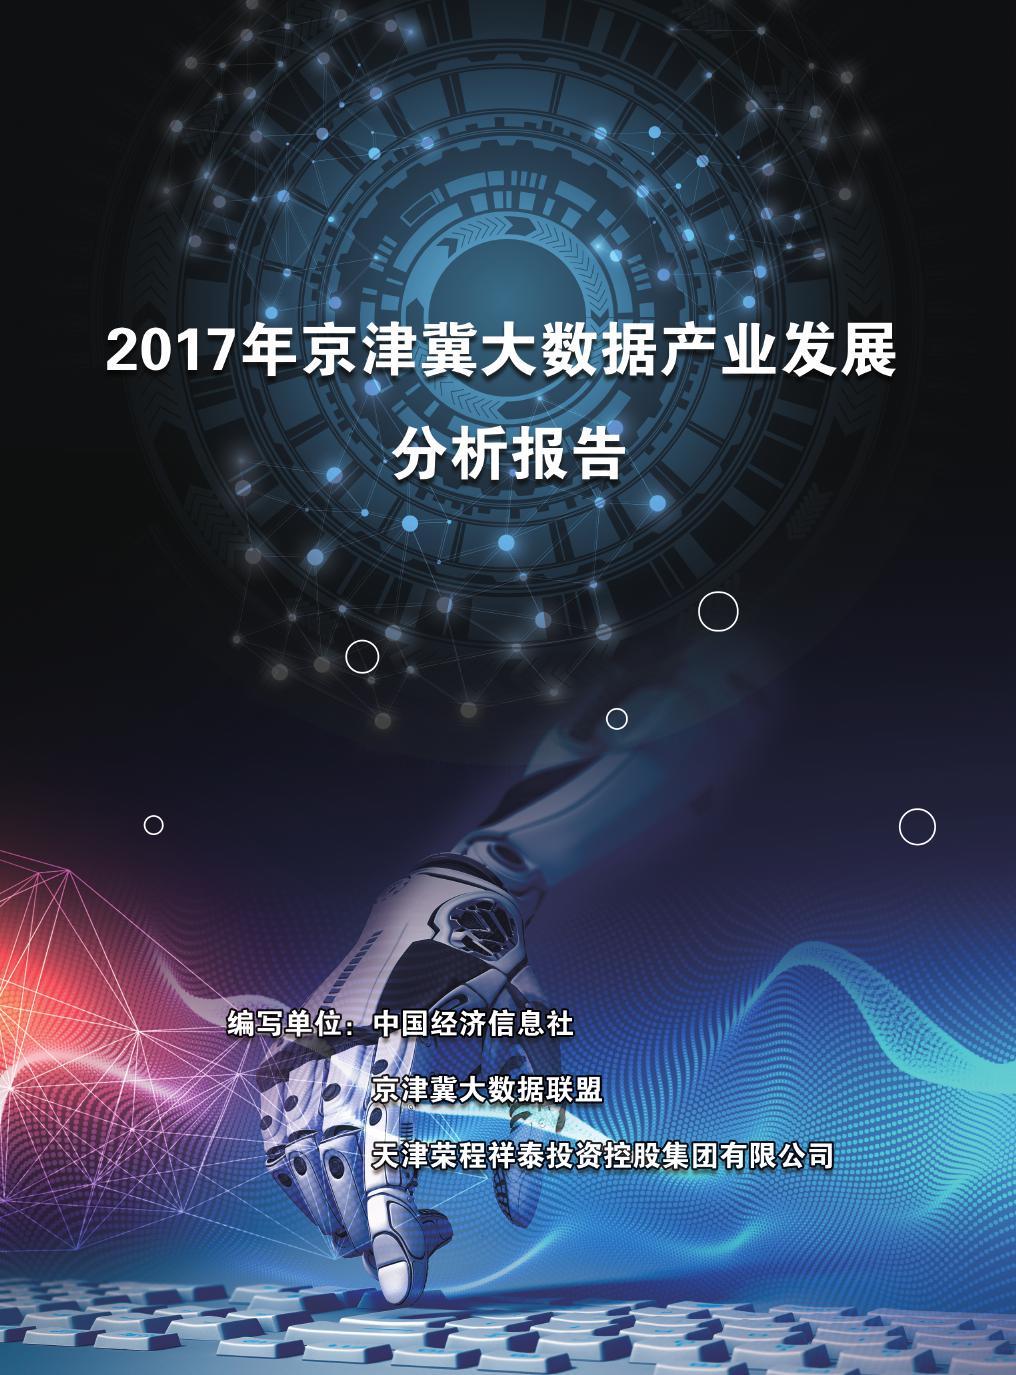 2017年京津冀大数据产业发展分析报告